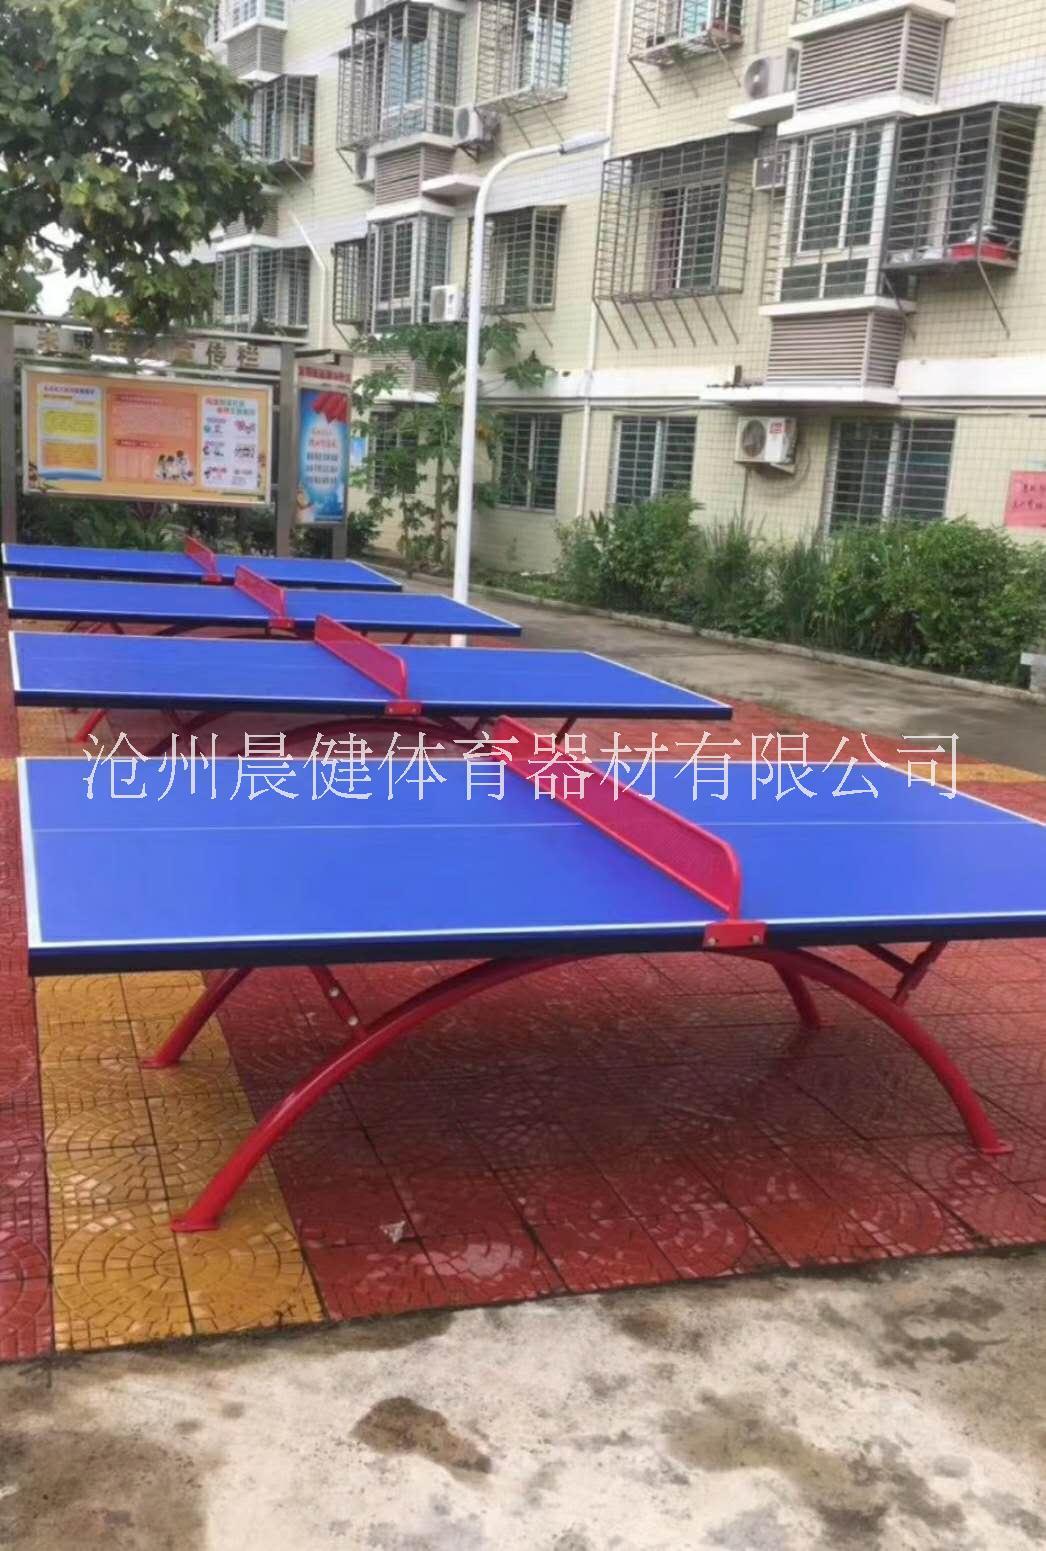 室外乒乓球台,乒乓球台厂家价格